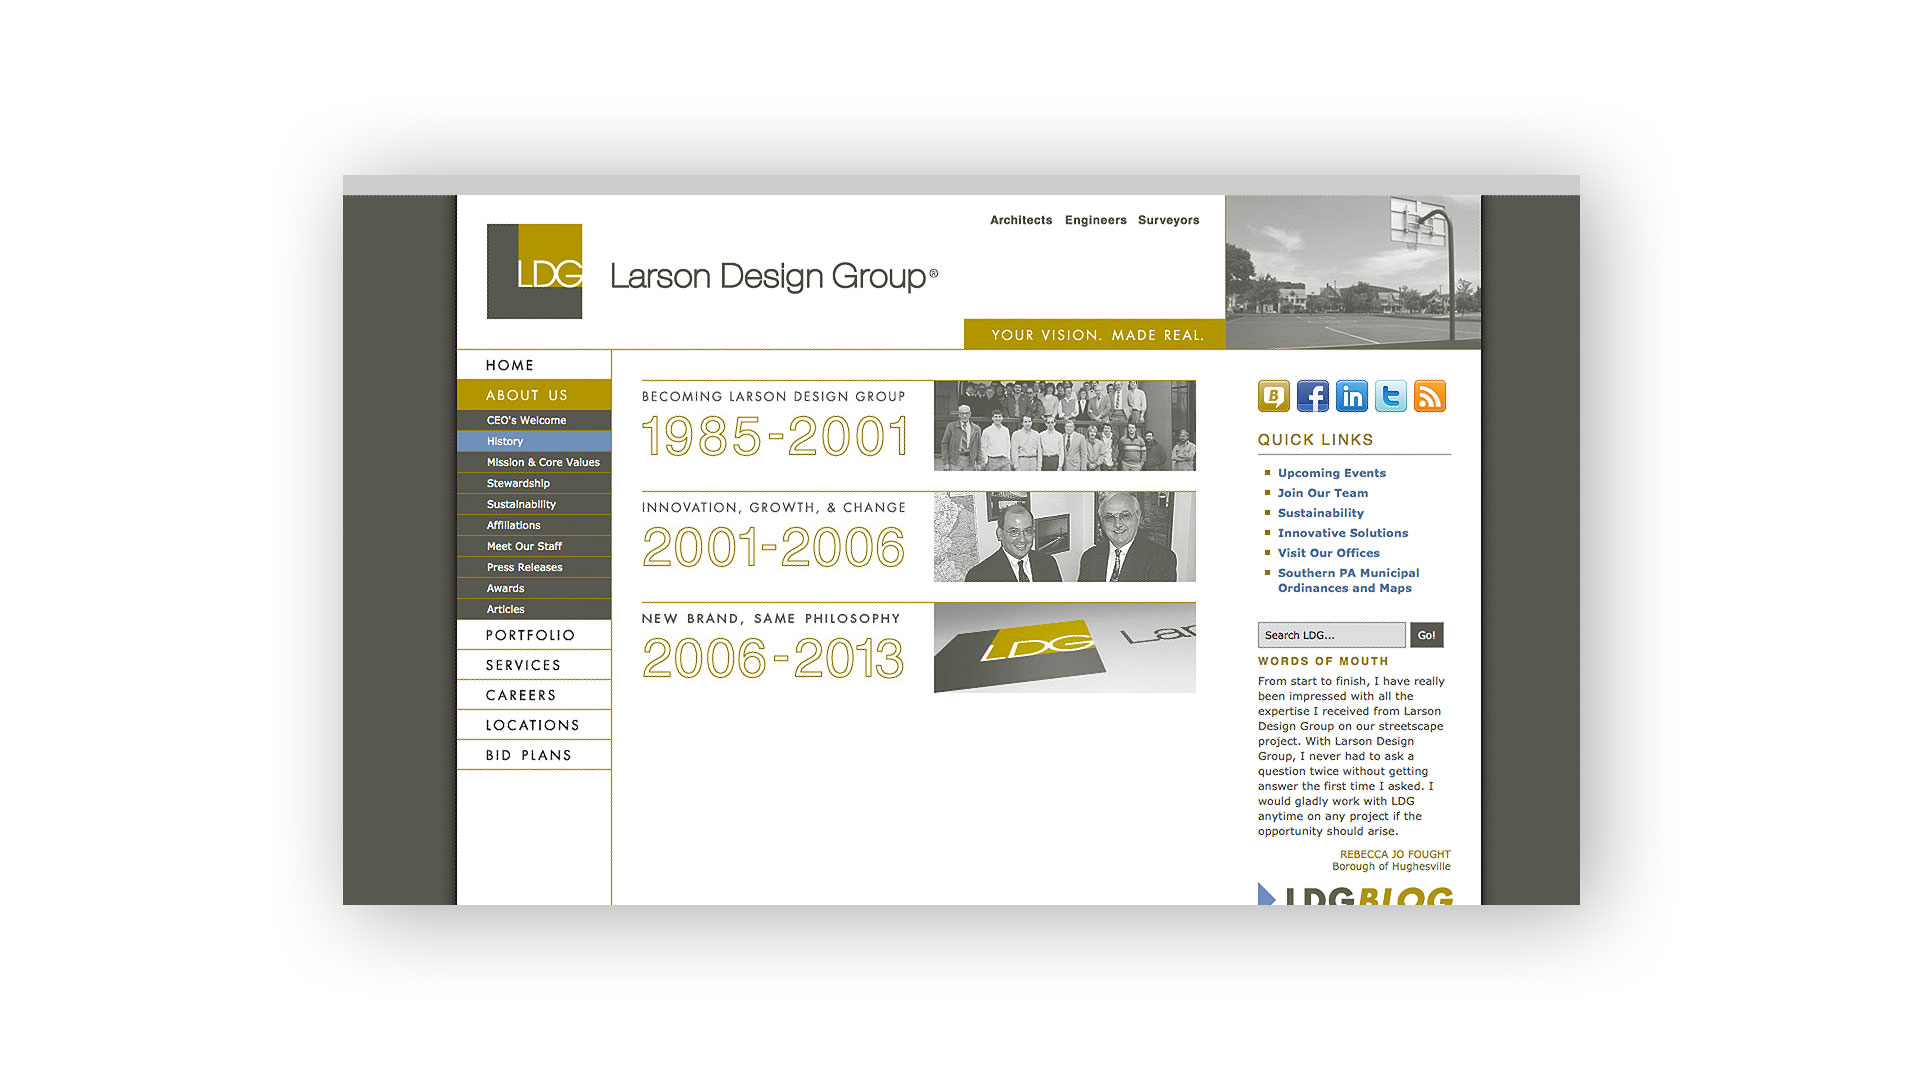 LDG Design & Engineering